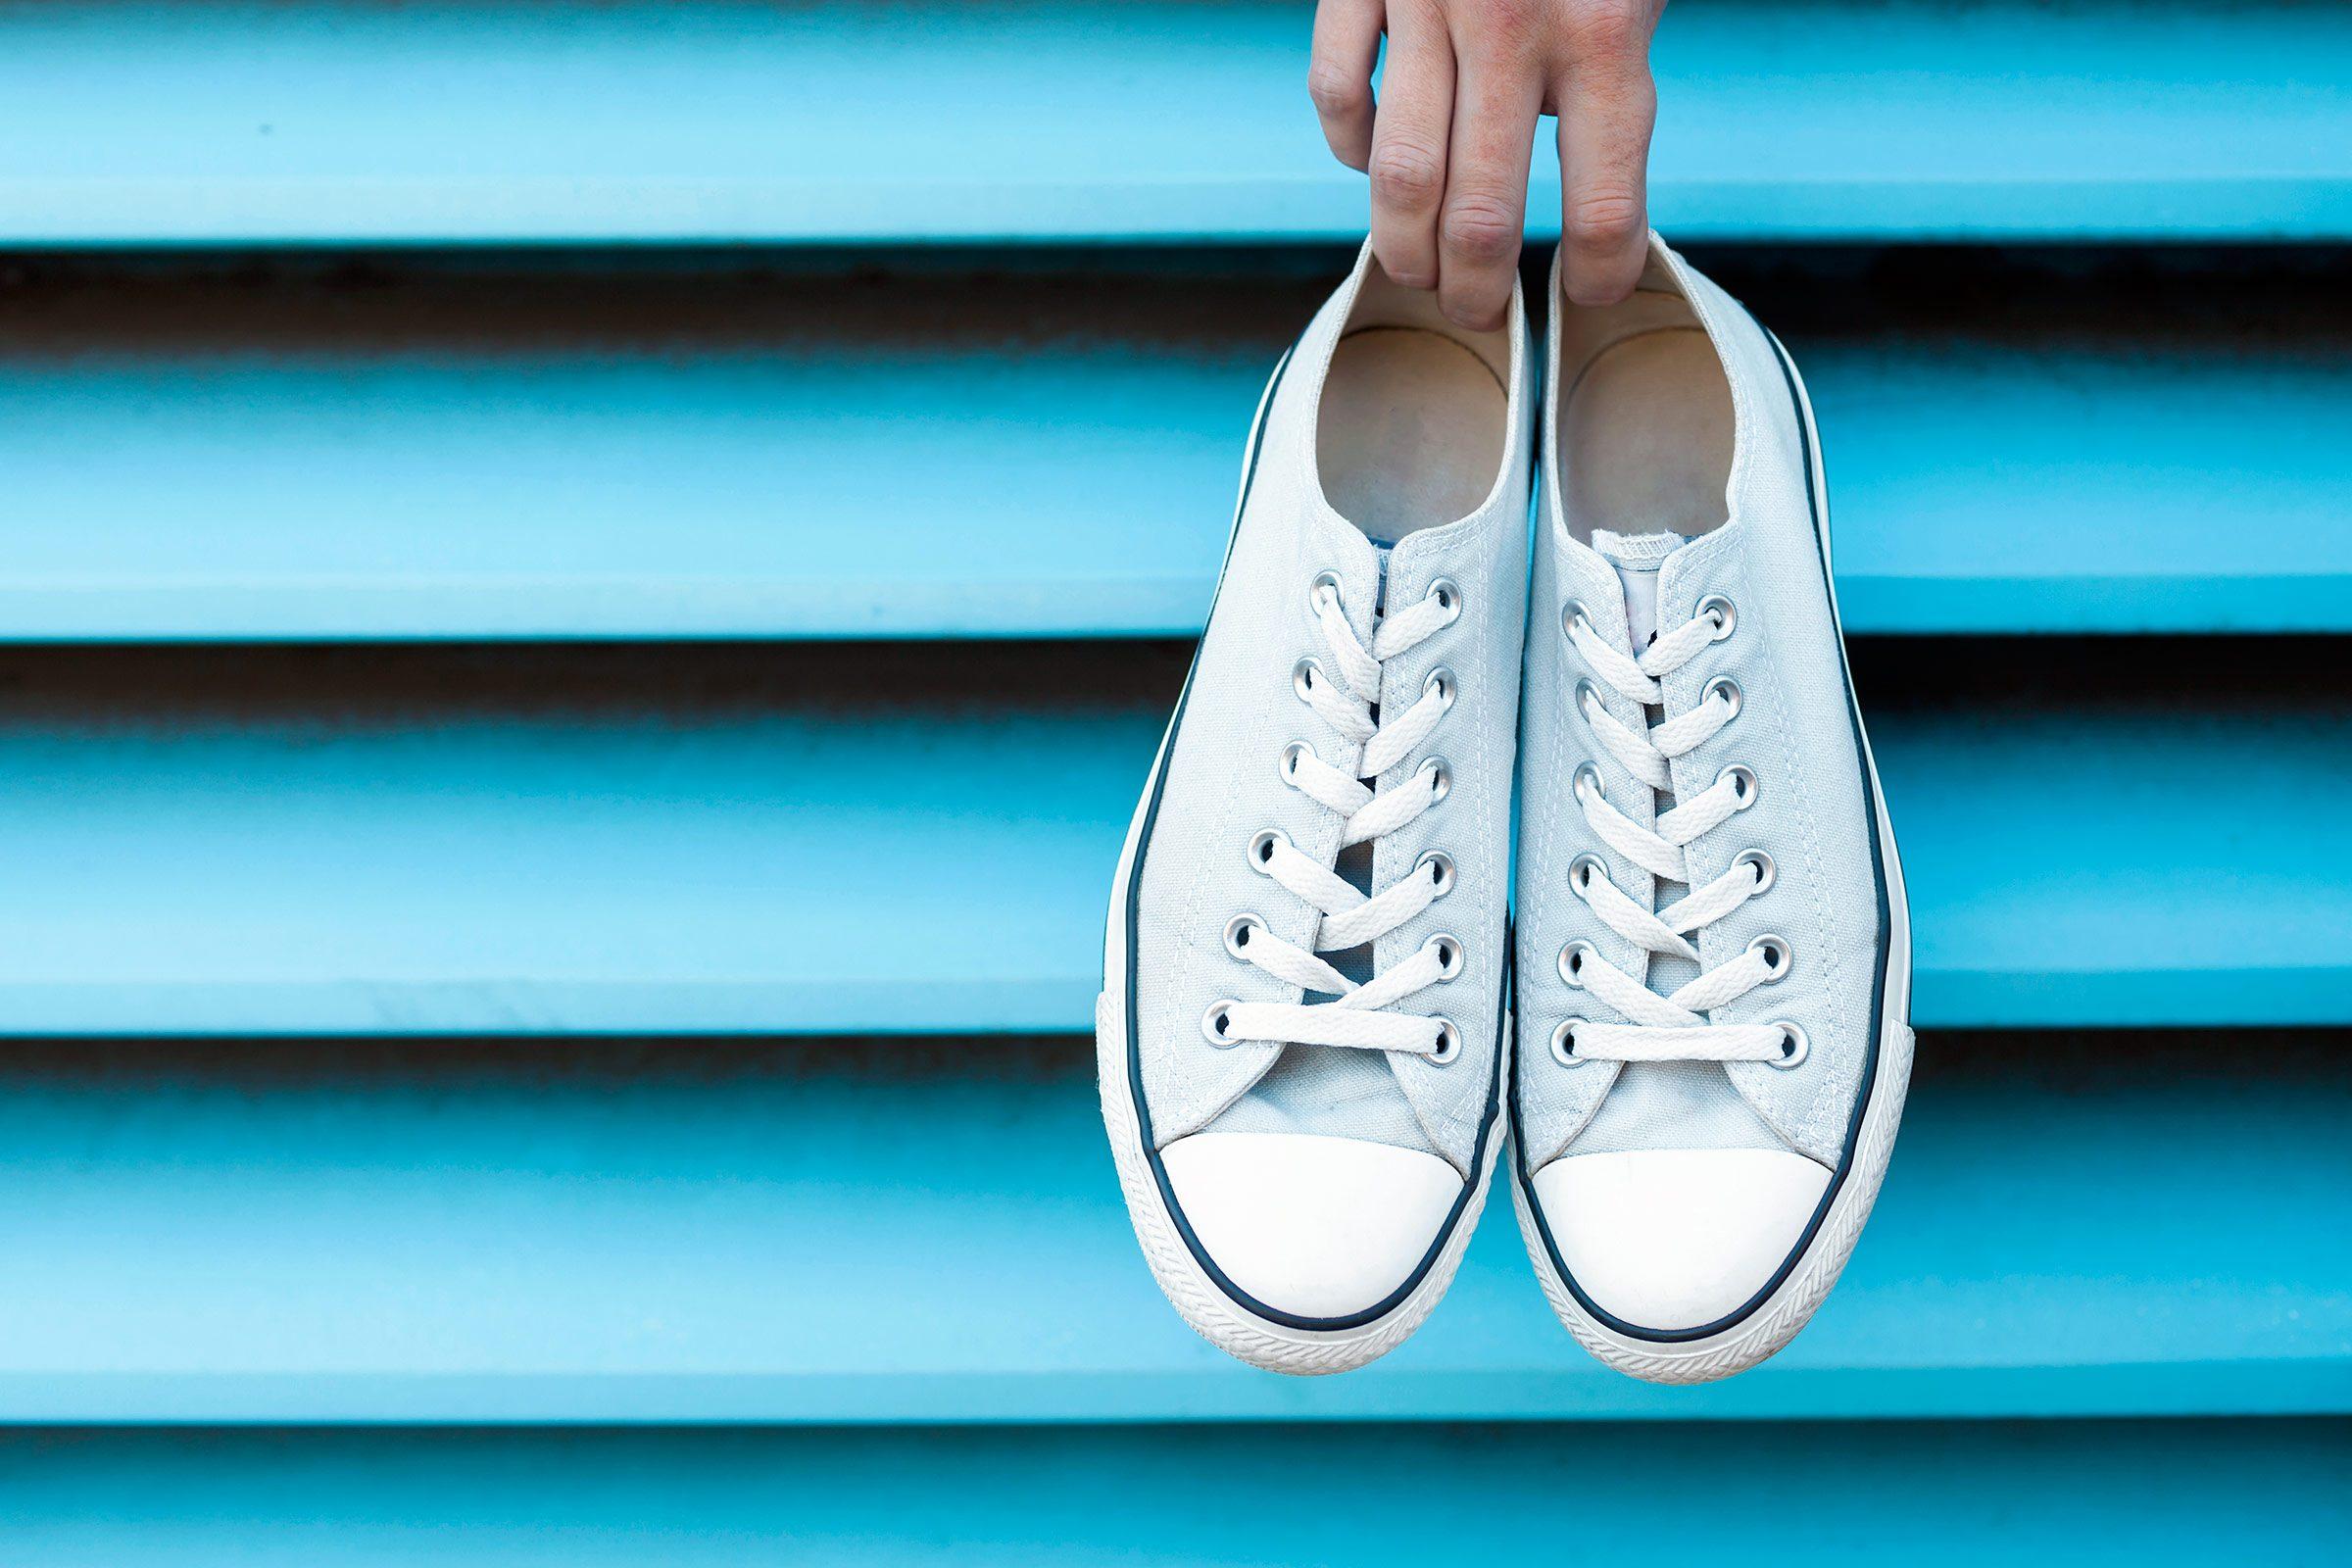 6. Kick Off Your Heels